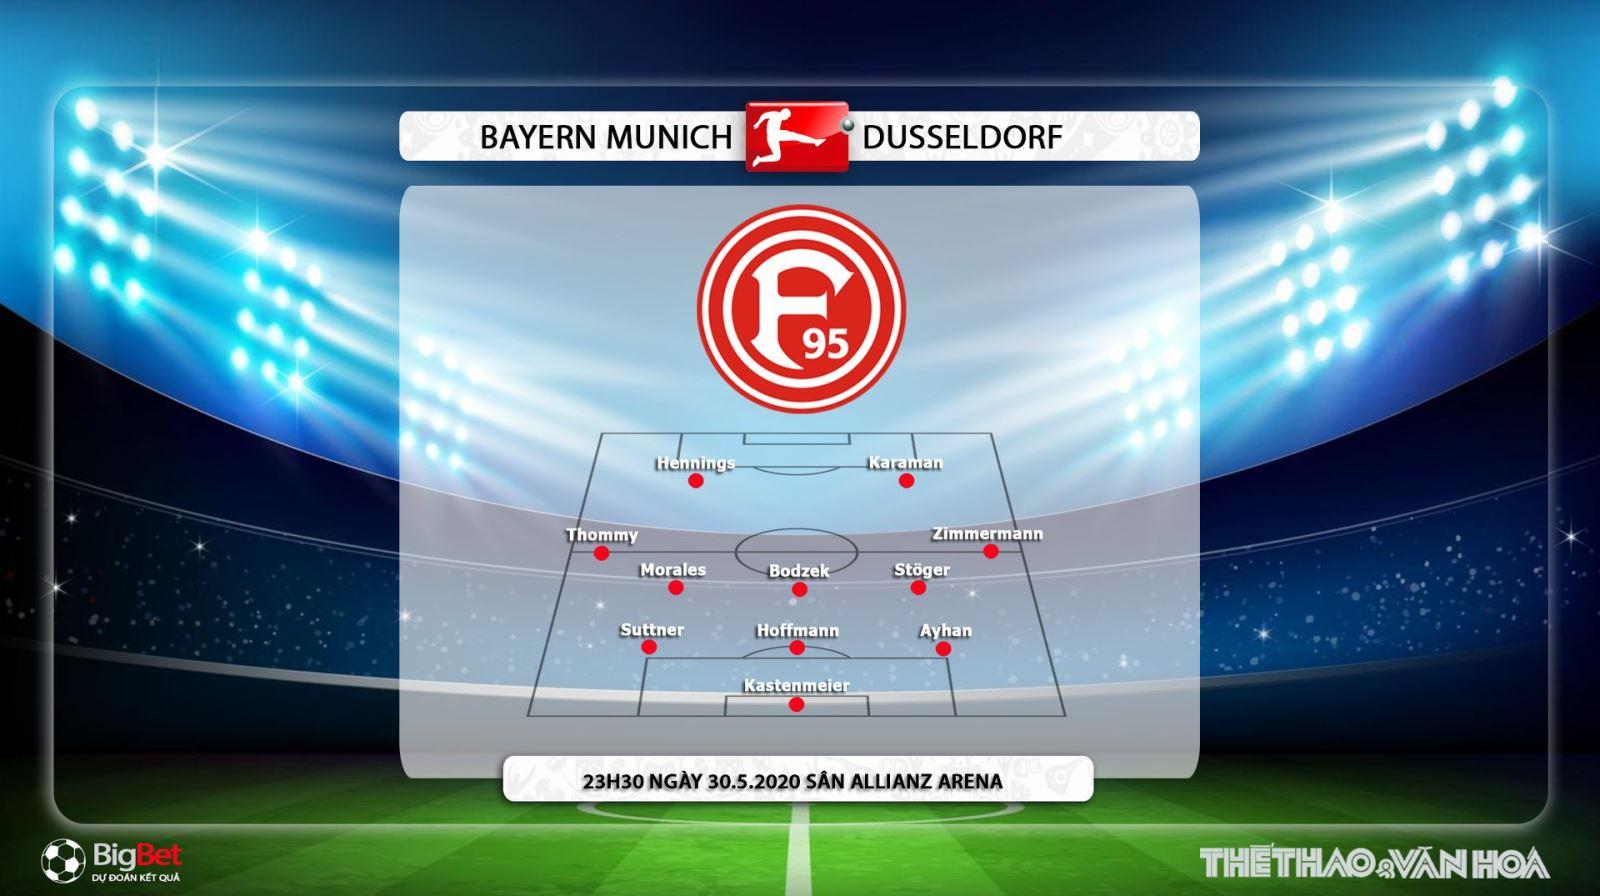 Bayern Munich vs Dusseldorf, Bayern Munich, Dusseldorf, soi kèo, nhận định Bayern Munich vs Dusseldorf, dự đoán, bóng đá, bóng đá hôm nay